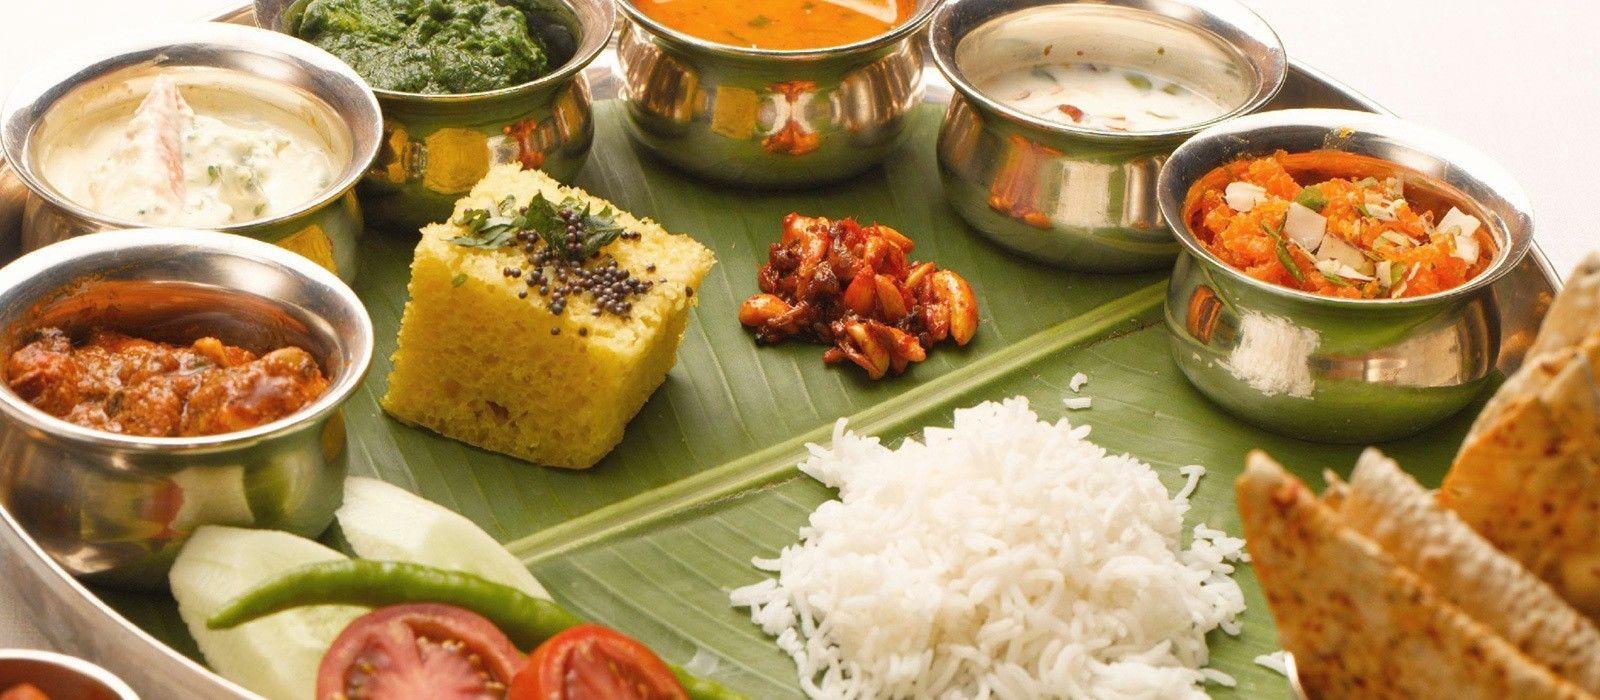 Gourmetreise – Nordindien für Feinschmecker Urlaub 5